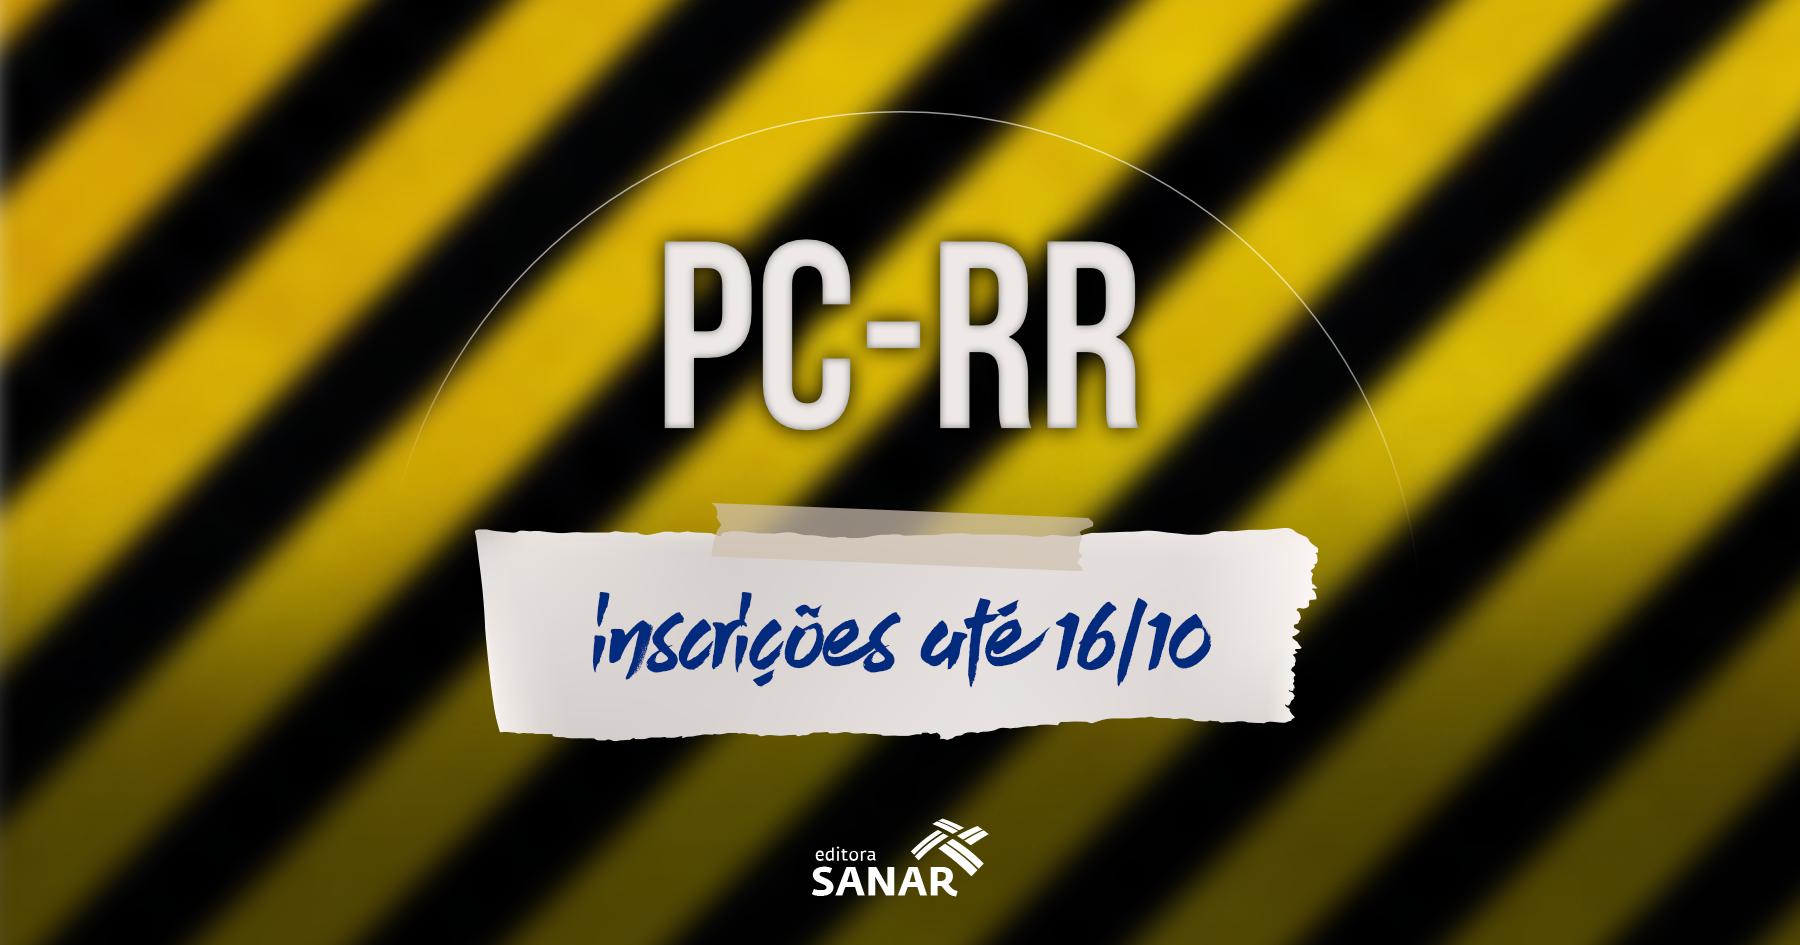 Concurso PC-RR   Vagas para Medicina, Odontologia e Farmácia